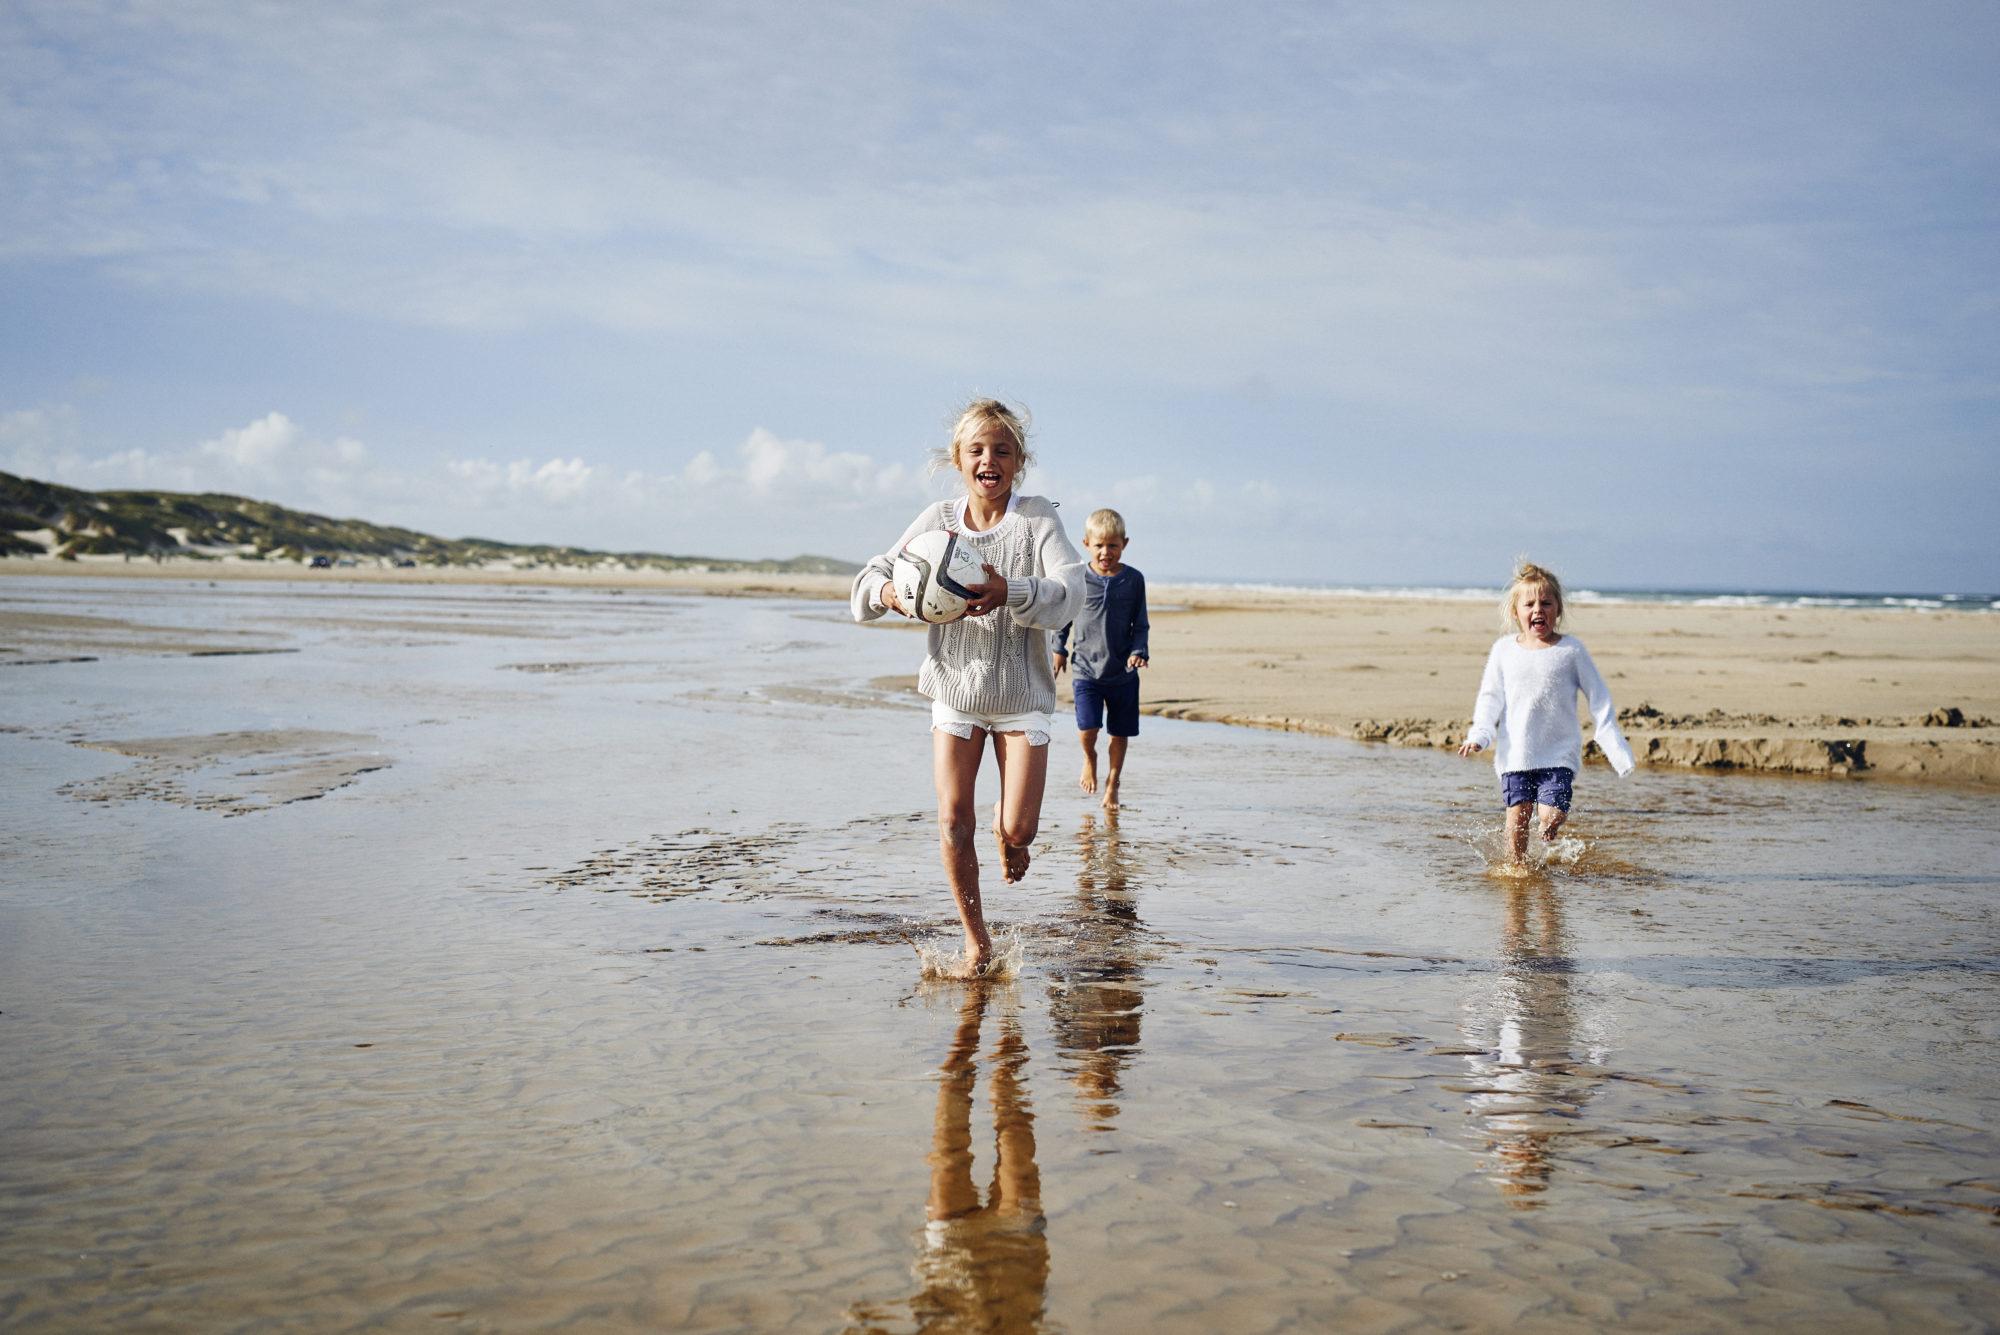 <strong>Glede:</strong> Barn elsker vann og strand. Og barn elsker å være i aktivitet. De danske strendene er som skapt for barnlig utfoldelse. Foto: Visit Denmark/Niclas Jessen